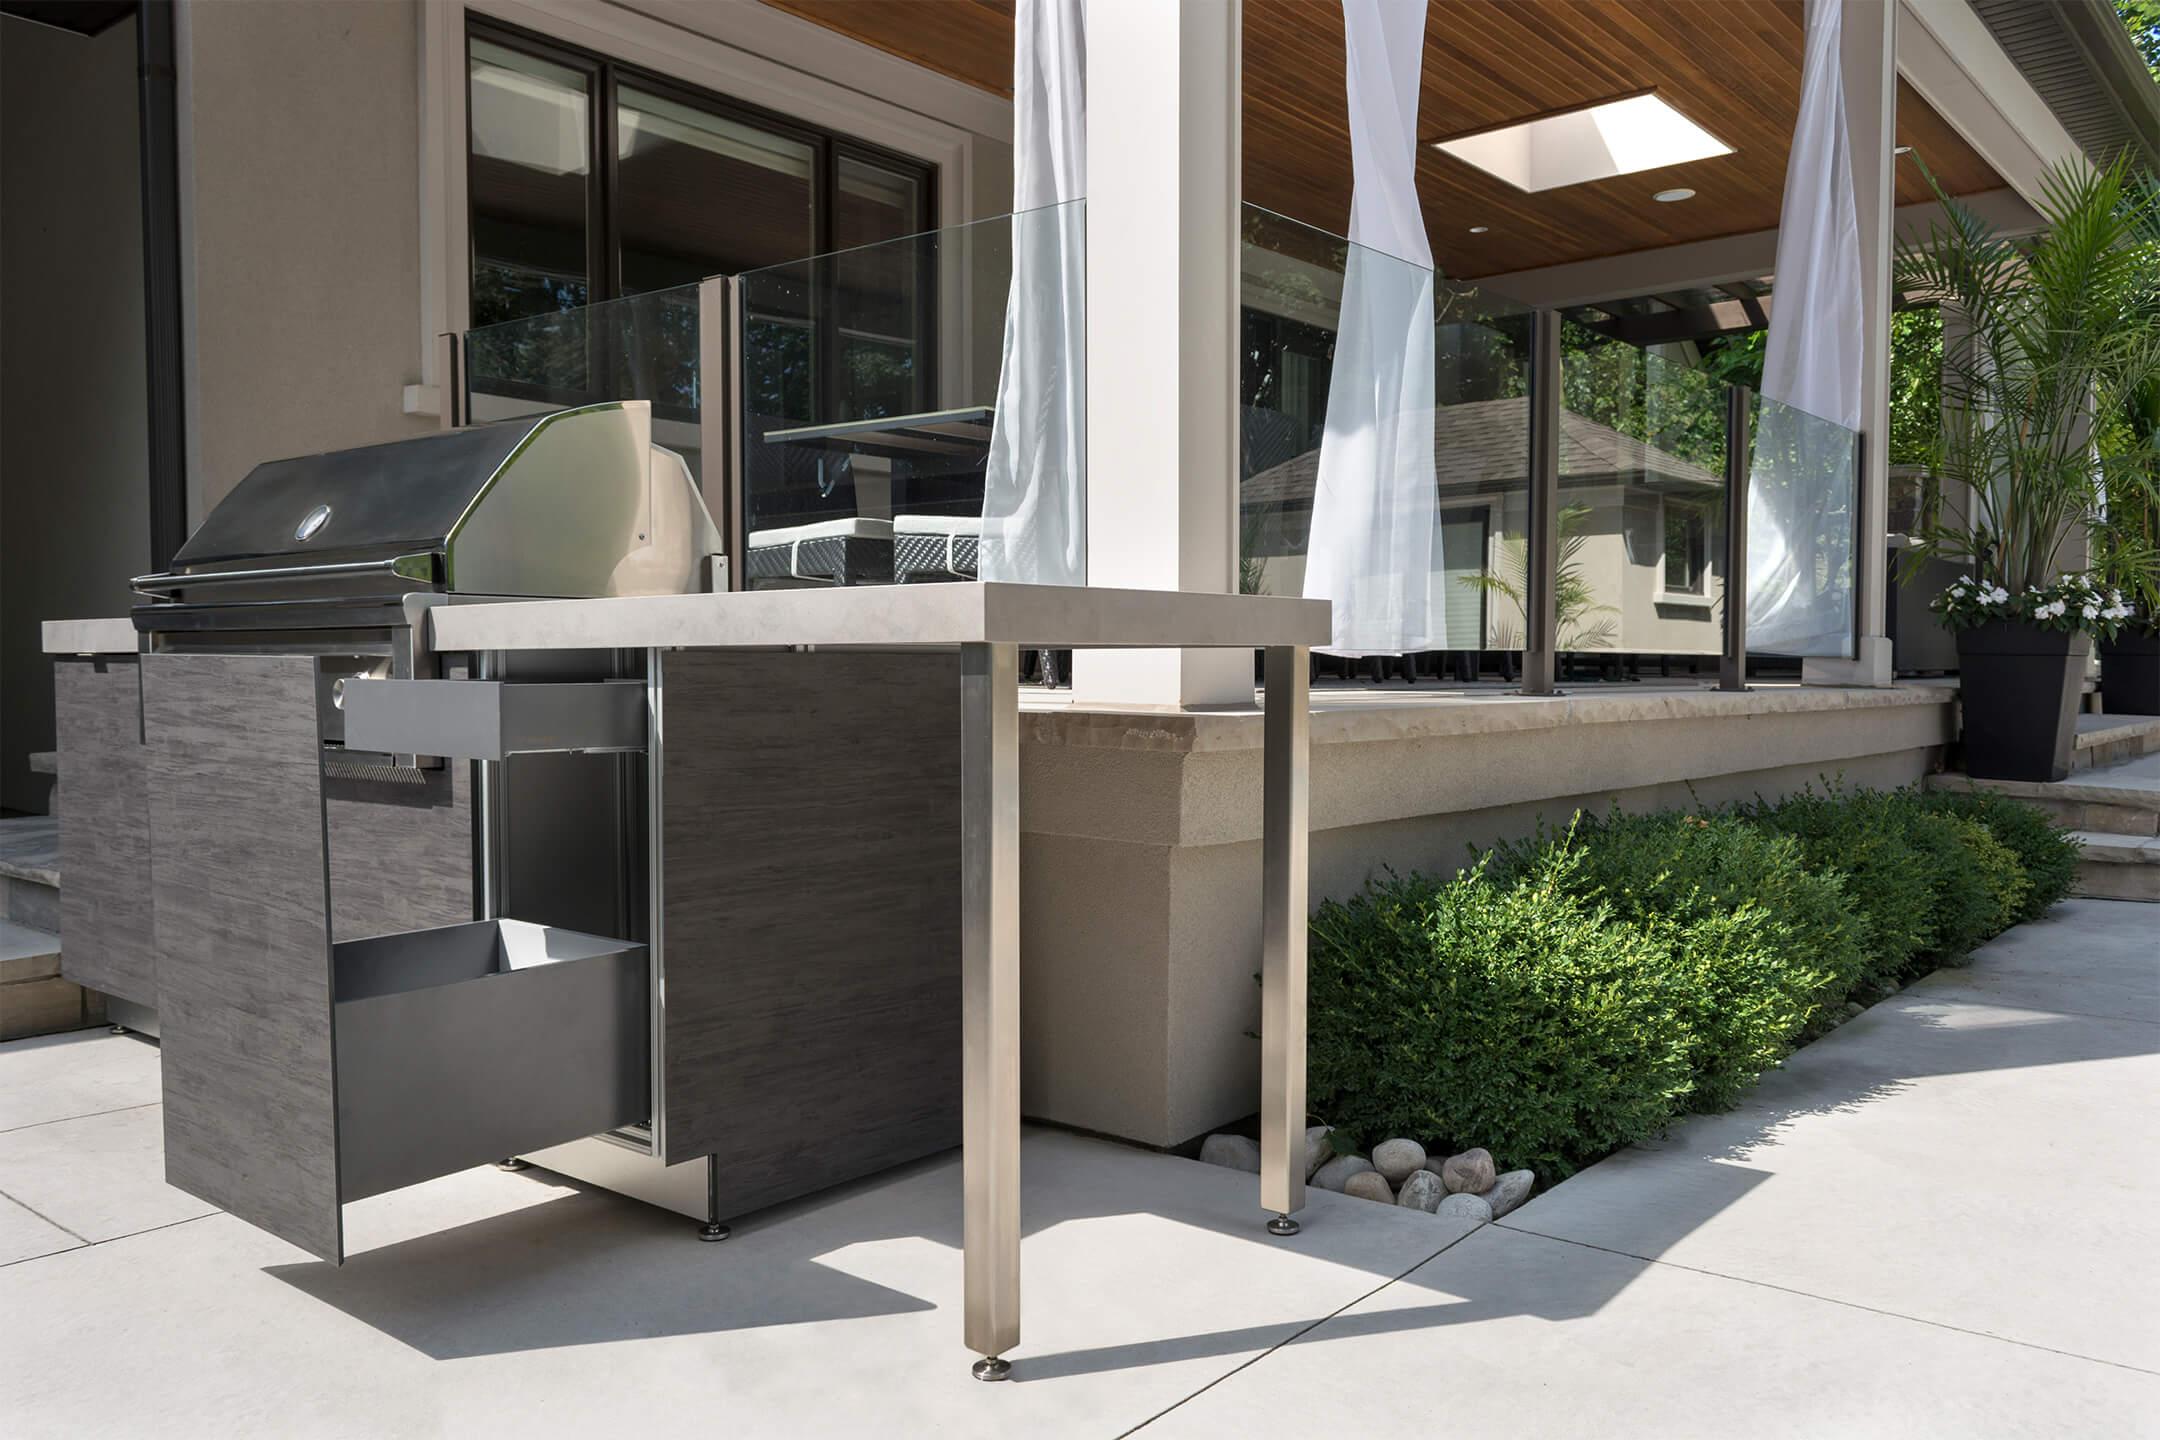 Garden Living - Outdoor Kitchens 2.jpg